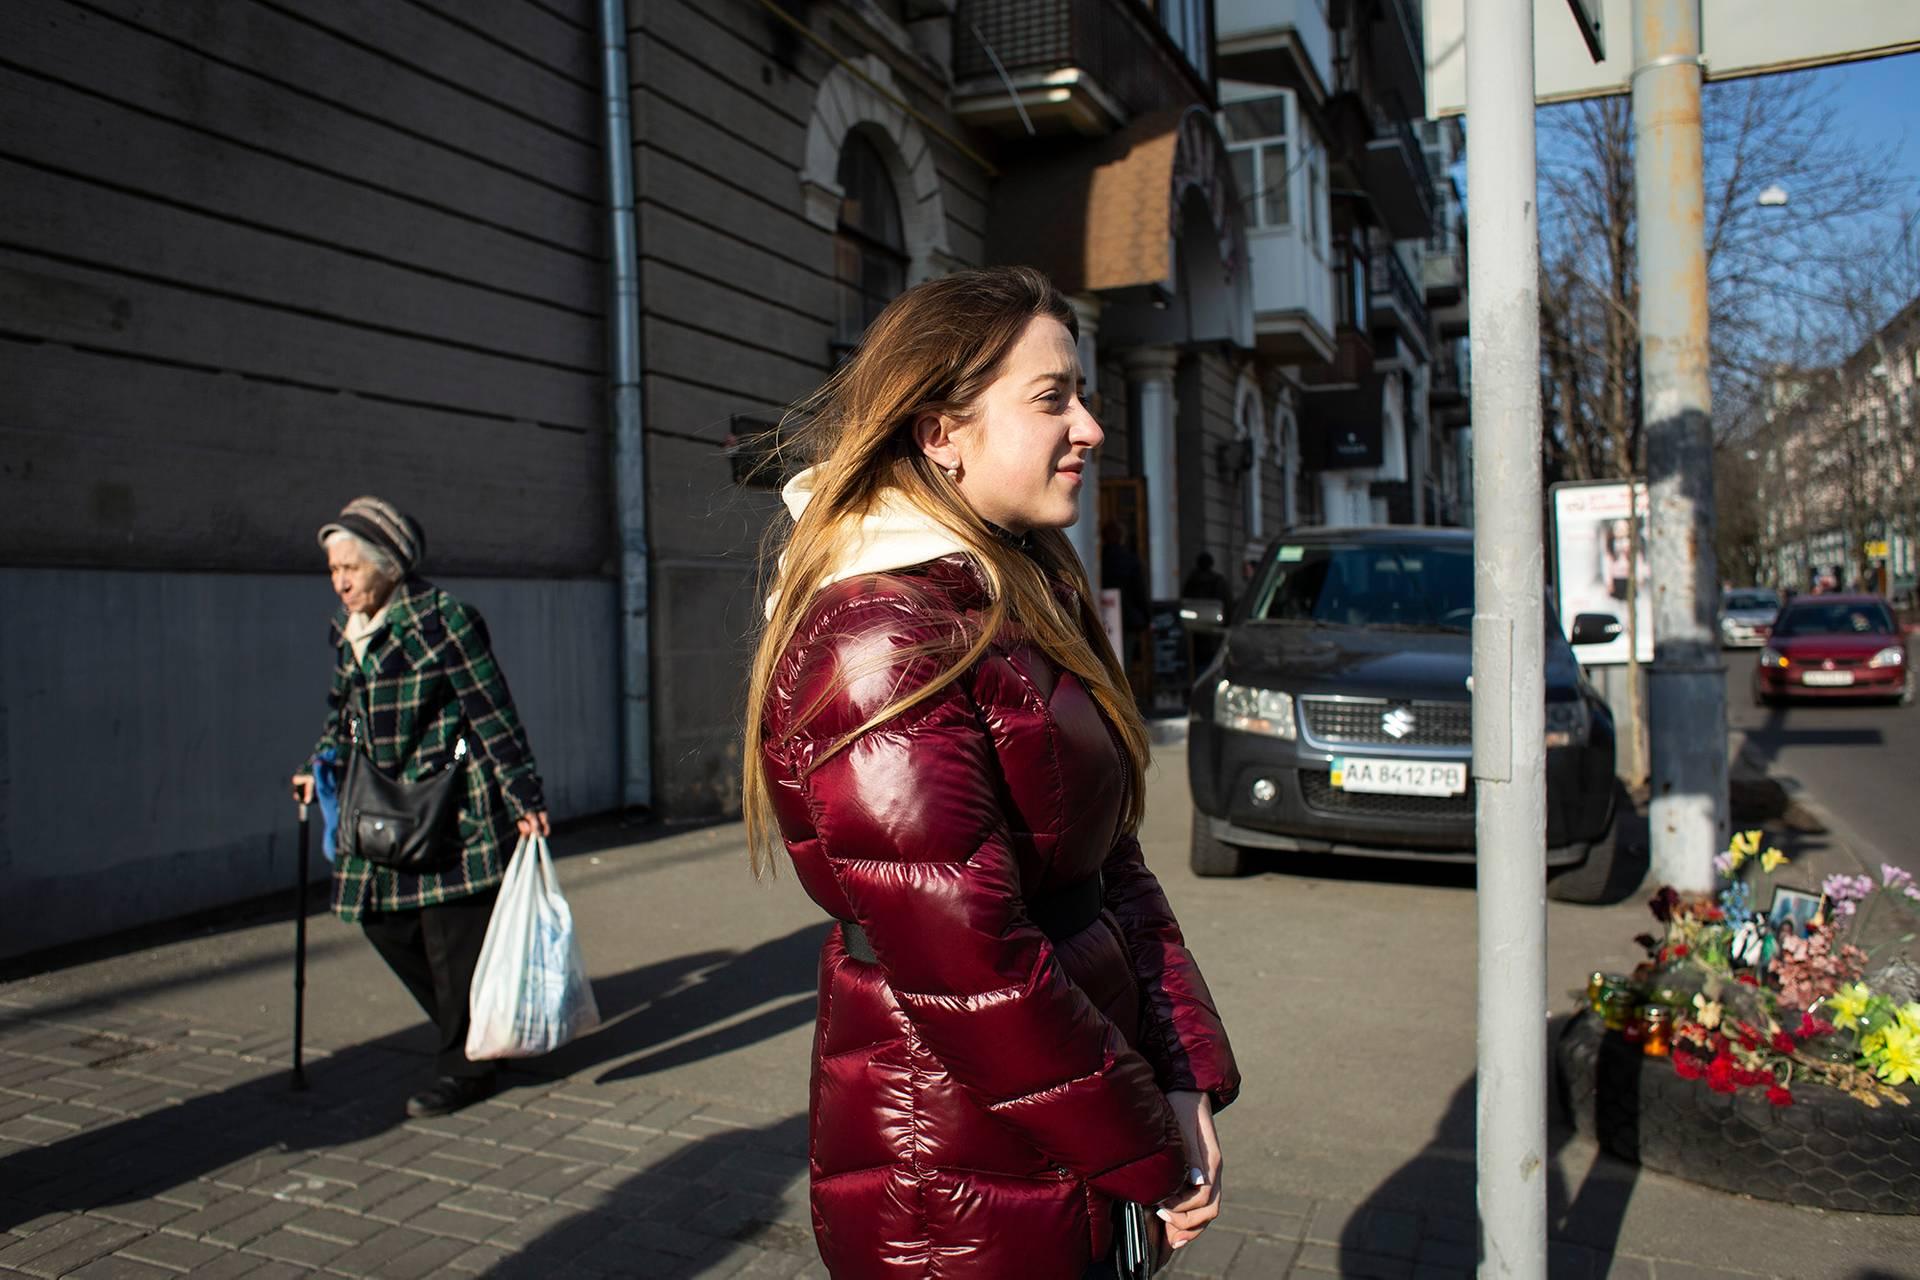 Галина Клемпоуз, Київ, 7 березня 2019 року